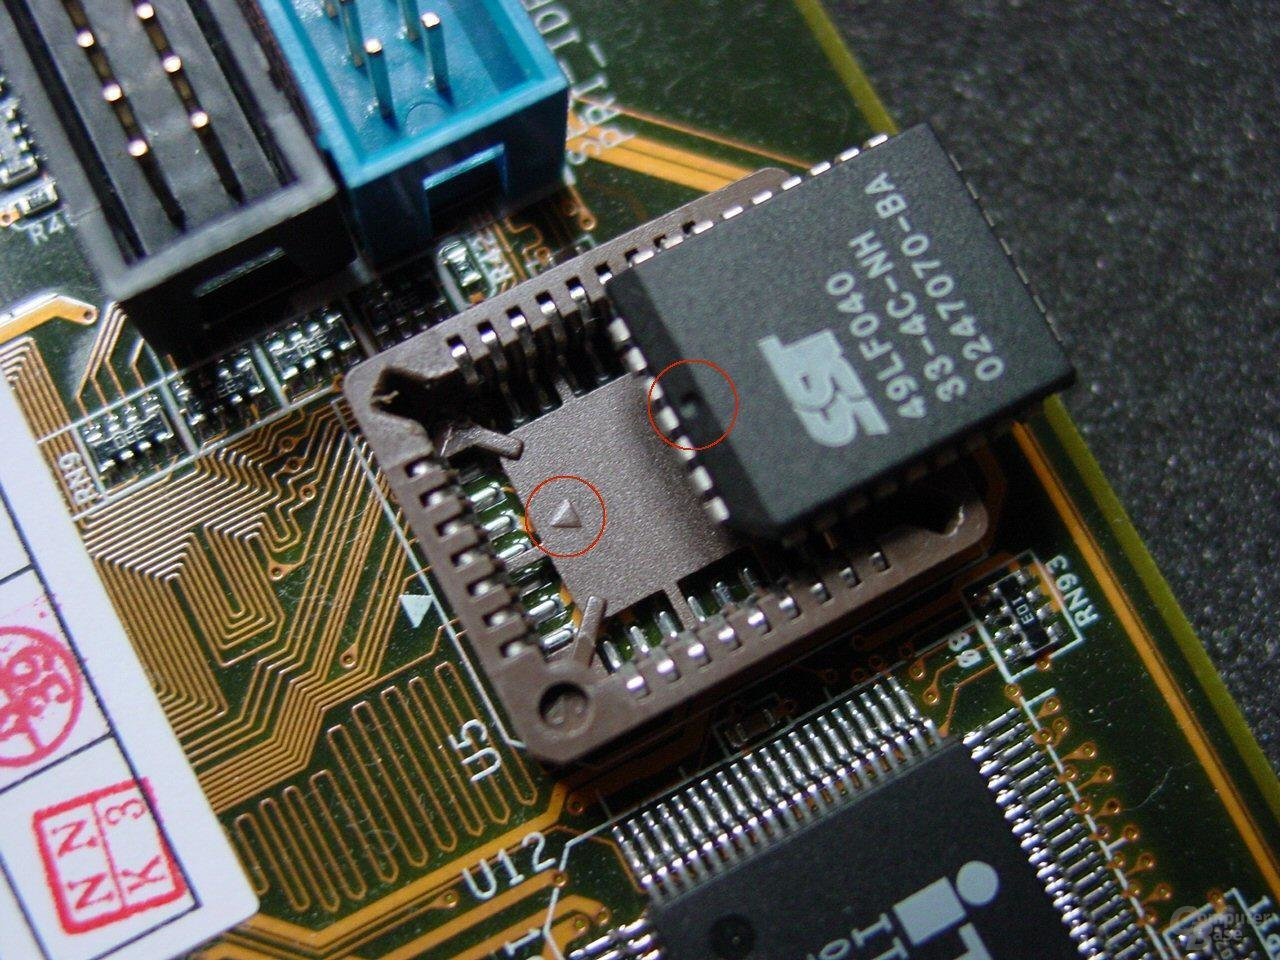 Auf die Markierungen beim Einsetzen des Chips achten